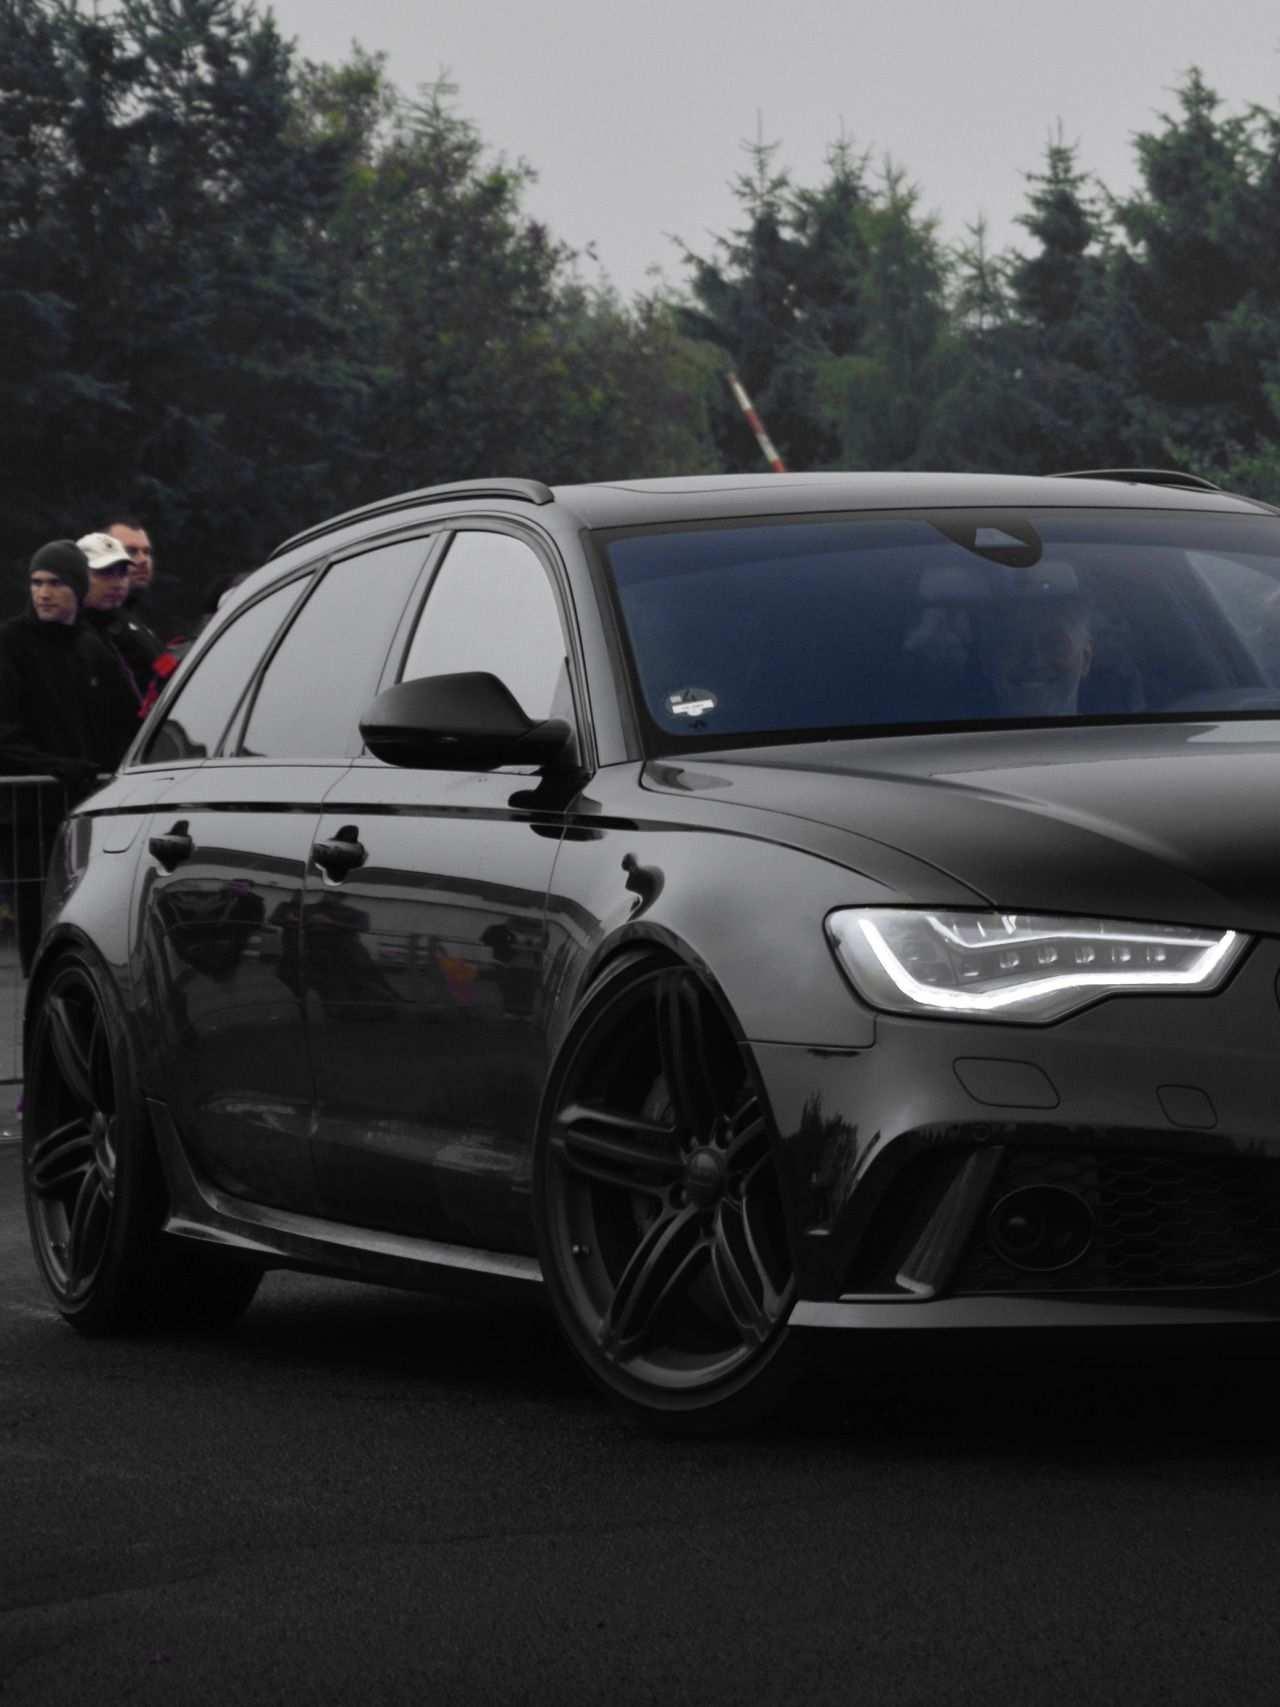 European Car Love Laars